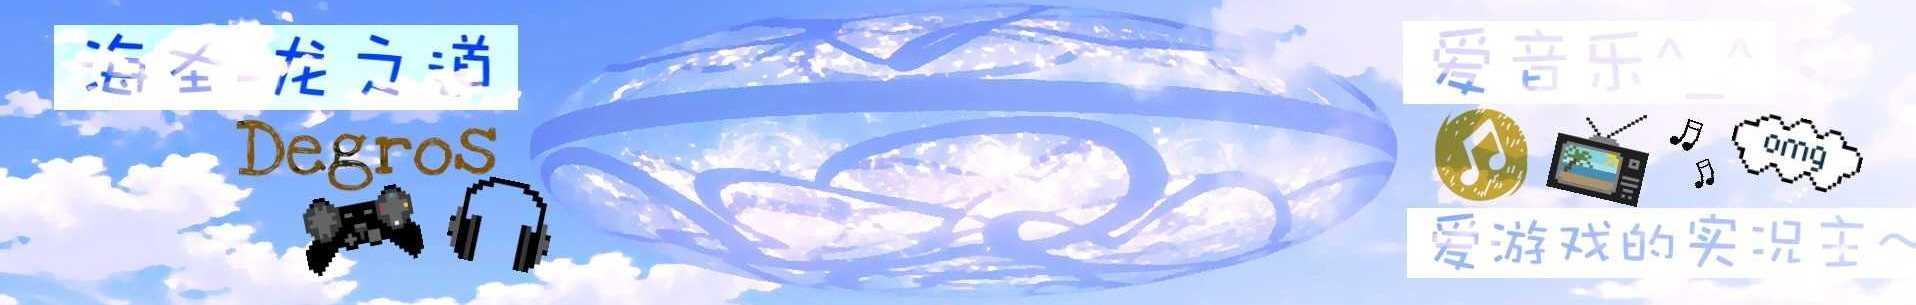 海圣-龙之道Degros banner